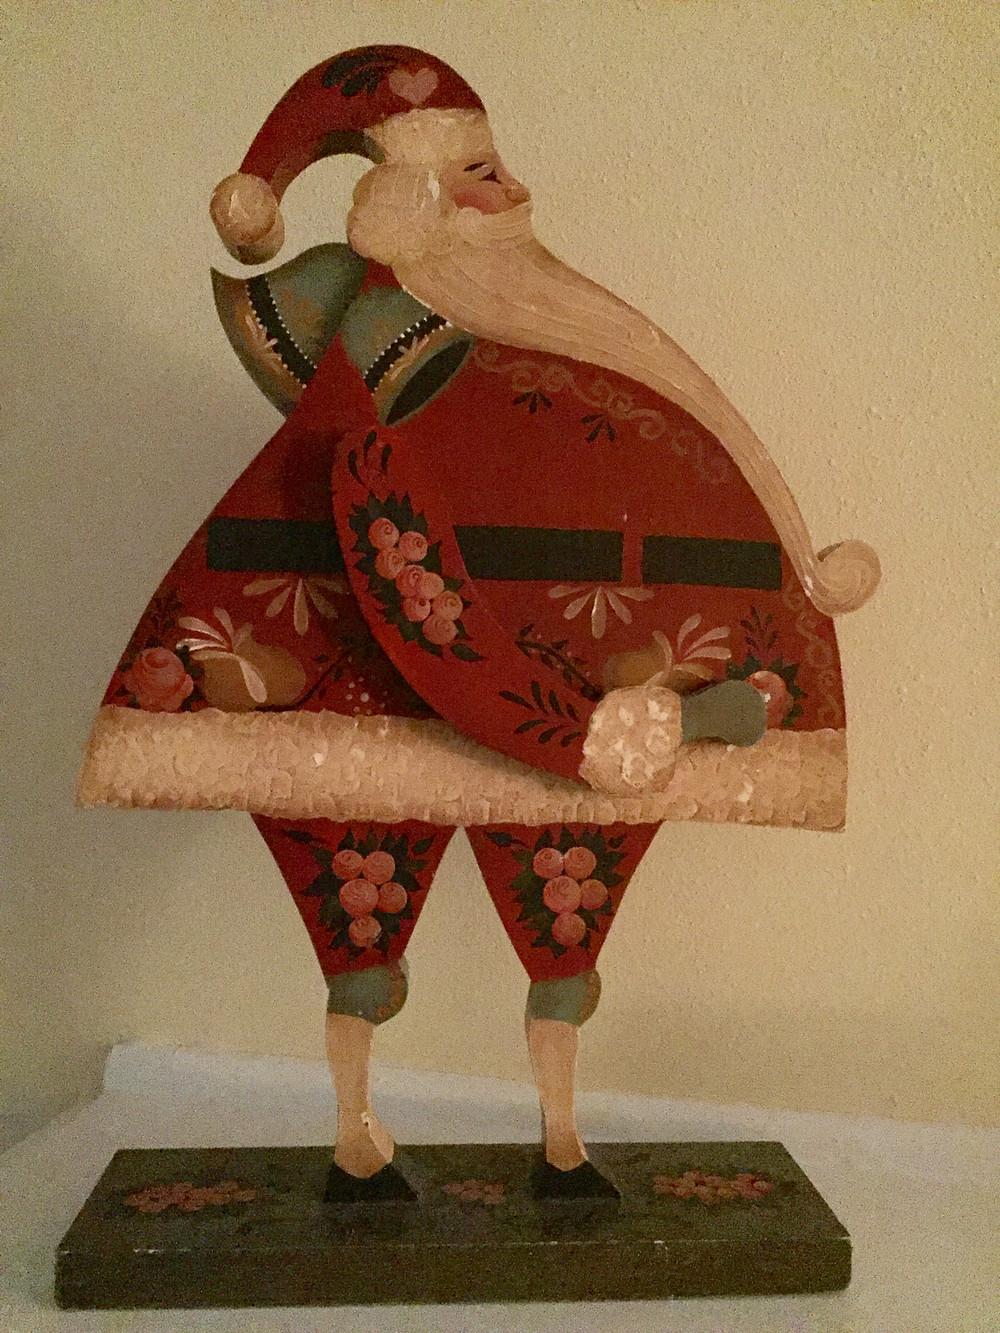 Wooden flowered painted Santa figure